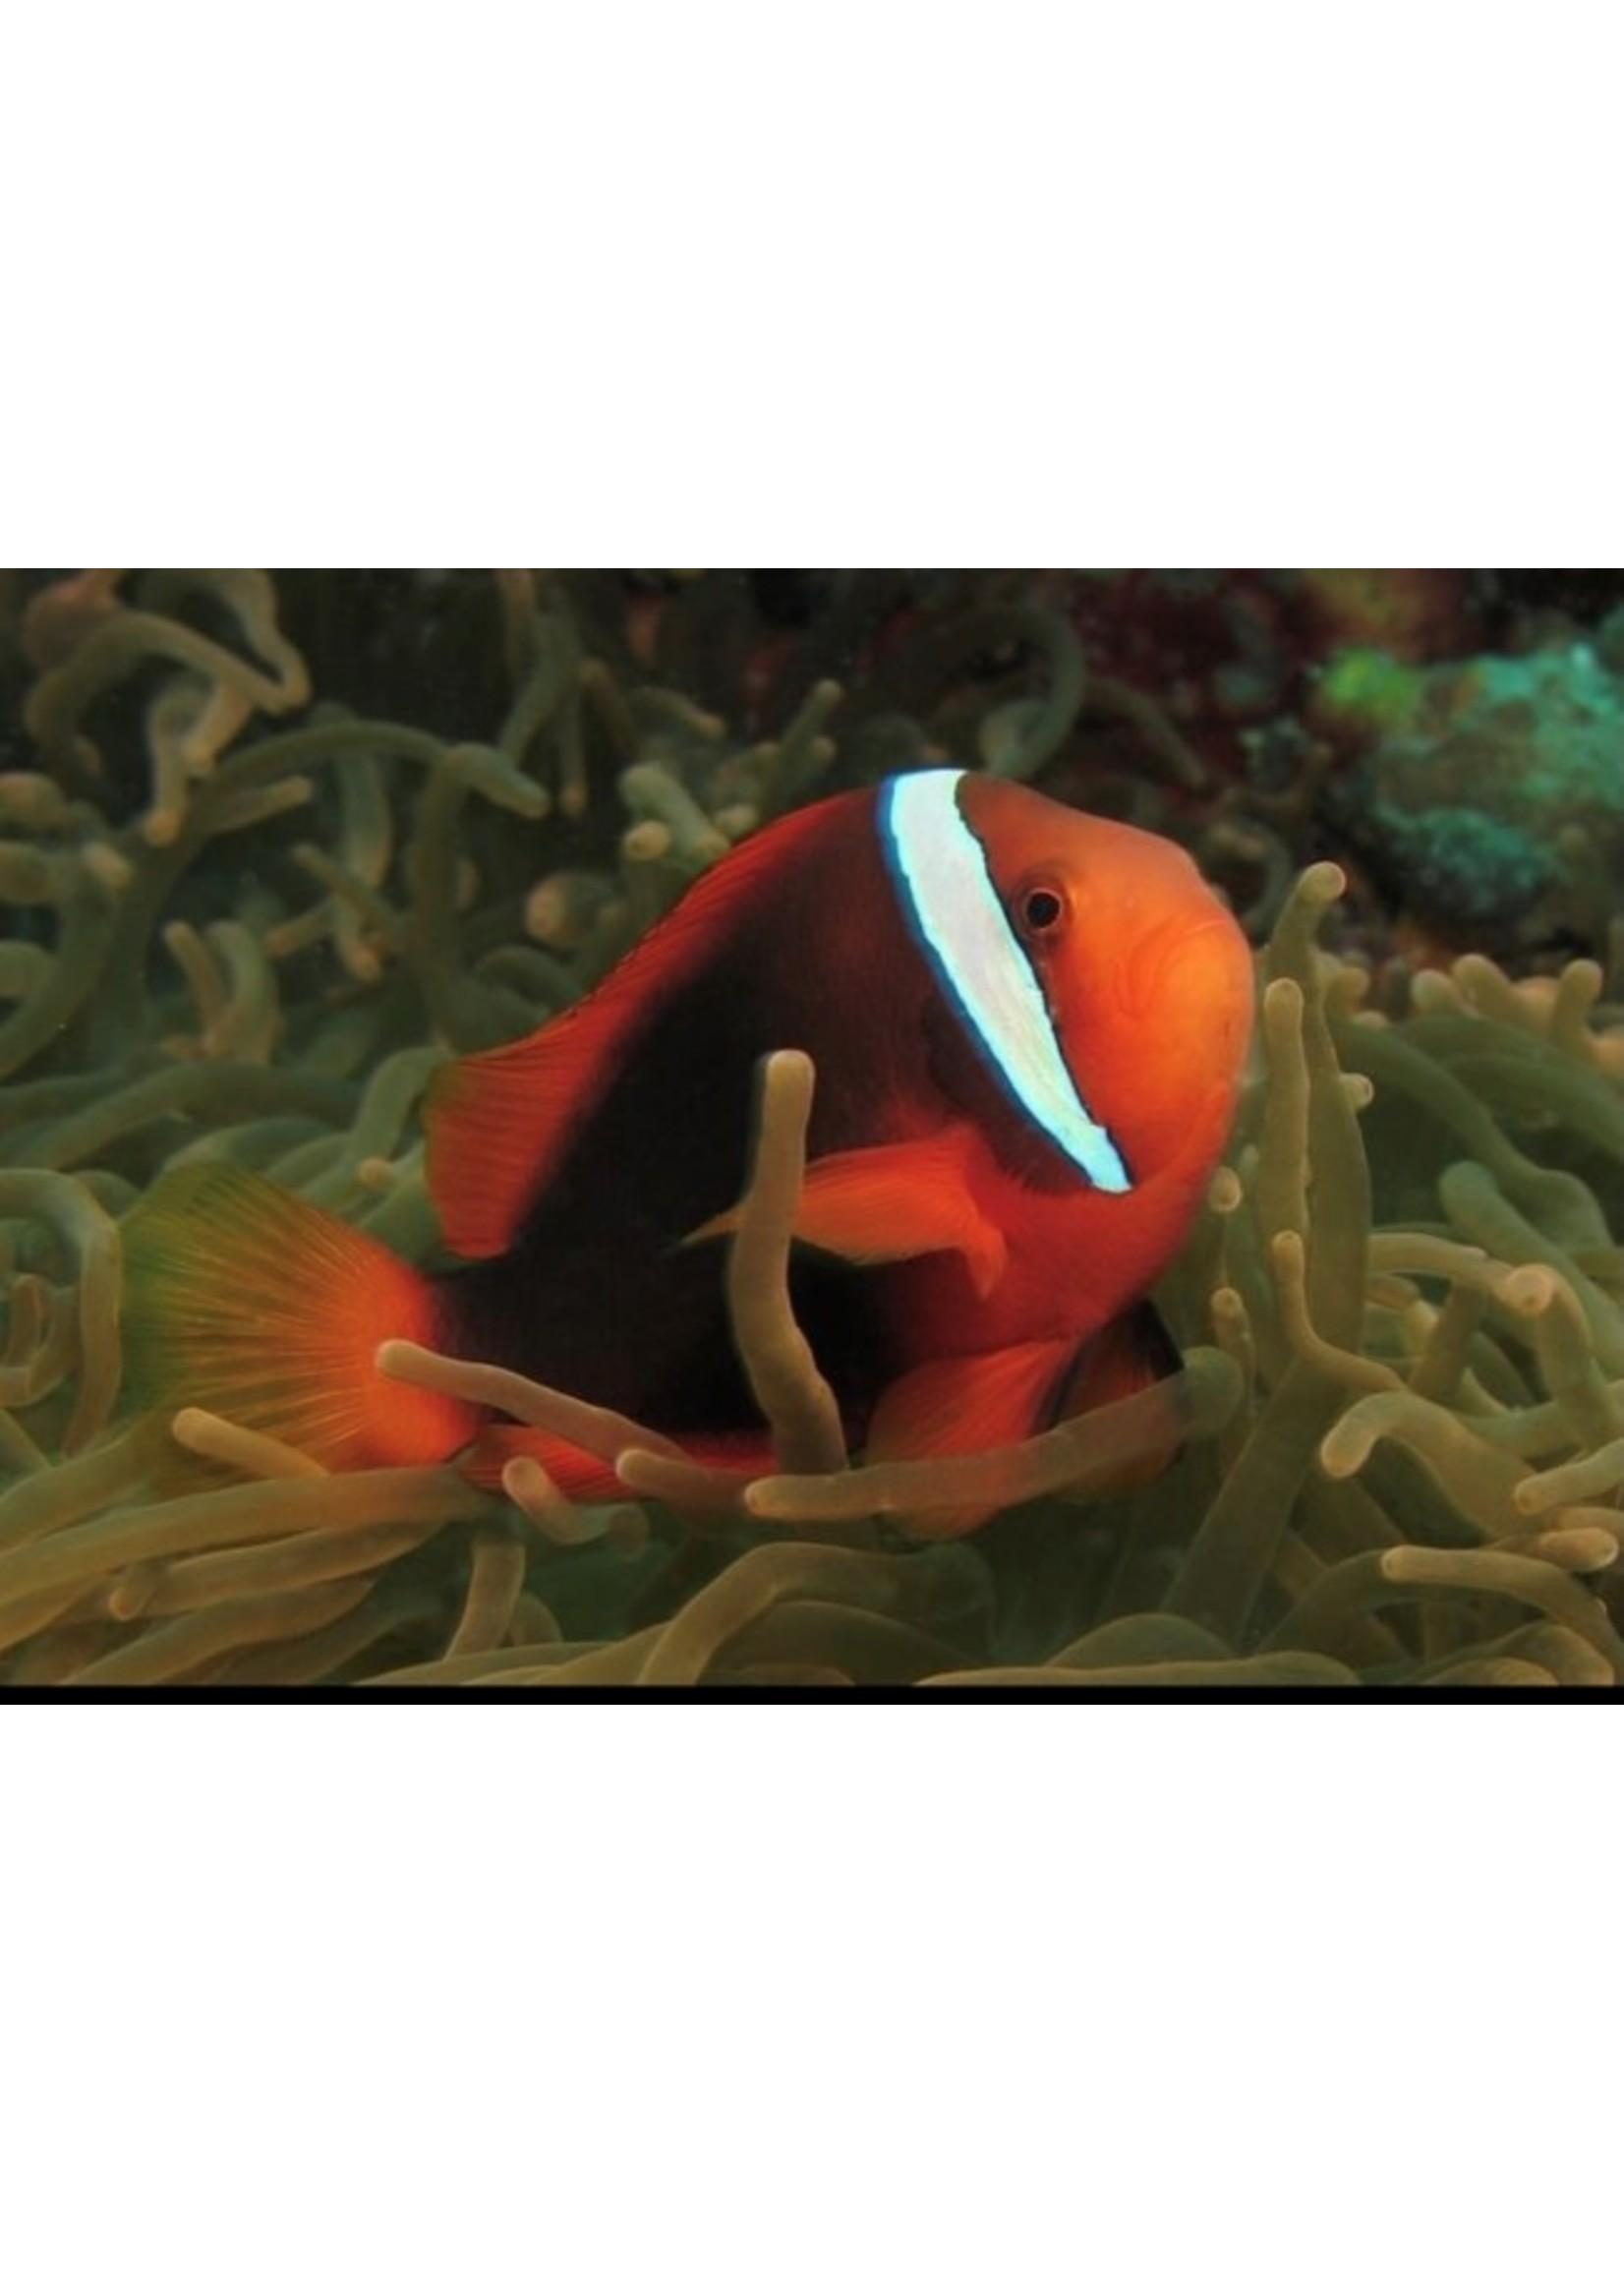 Clownfish Tomato Clownfish